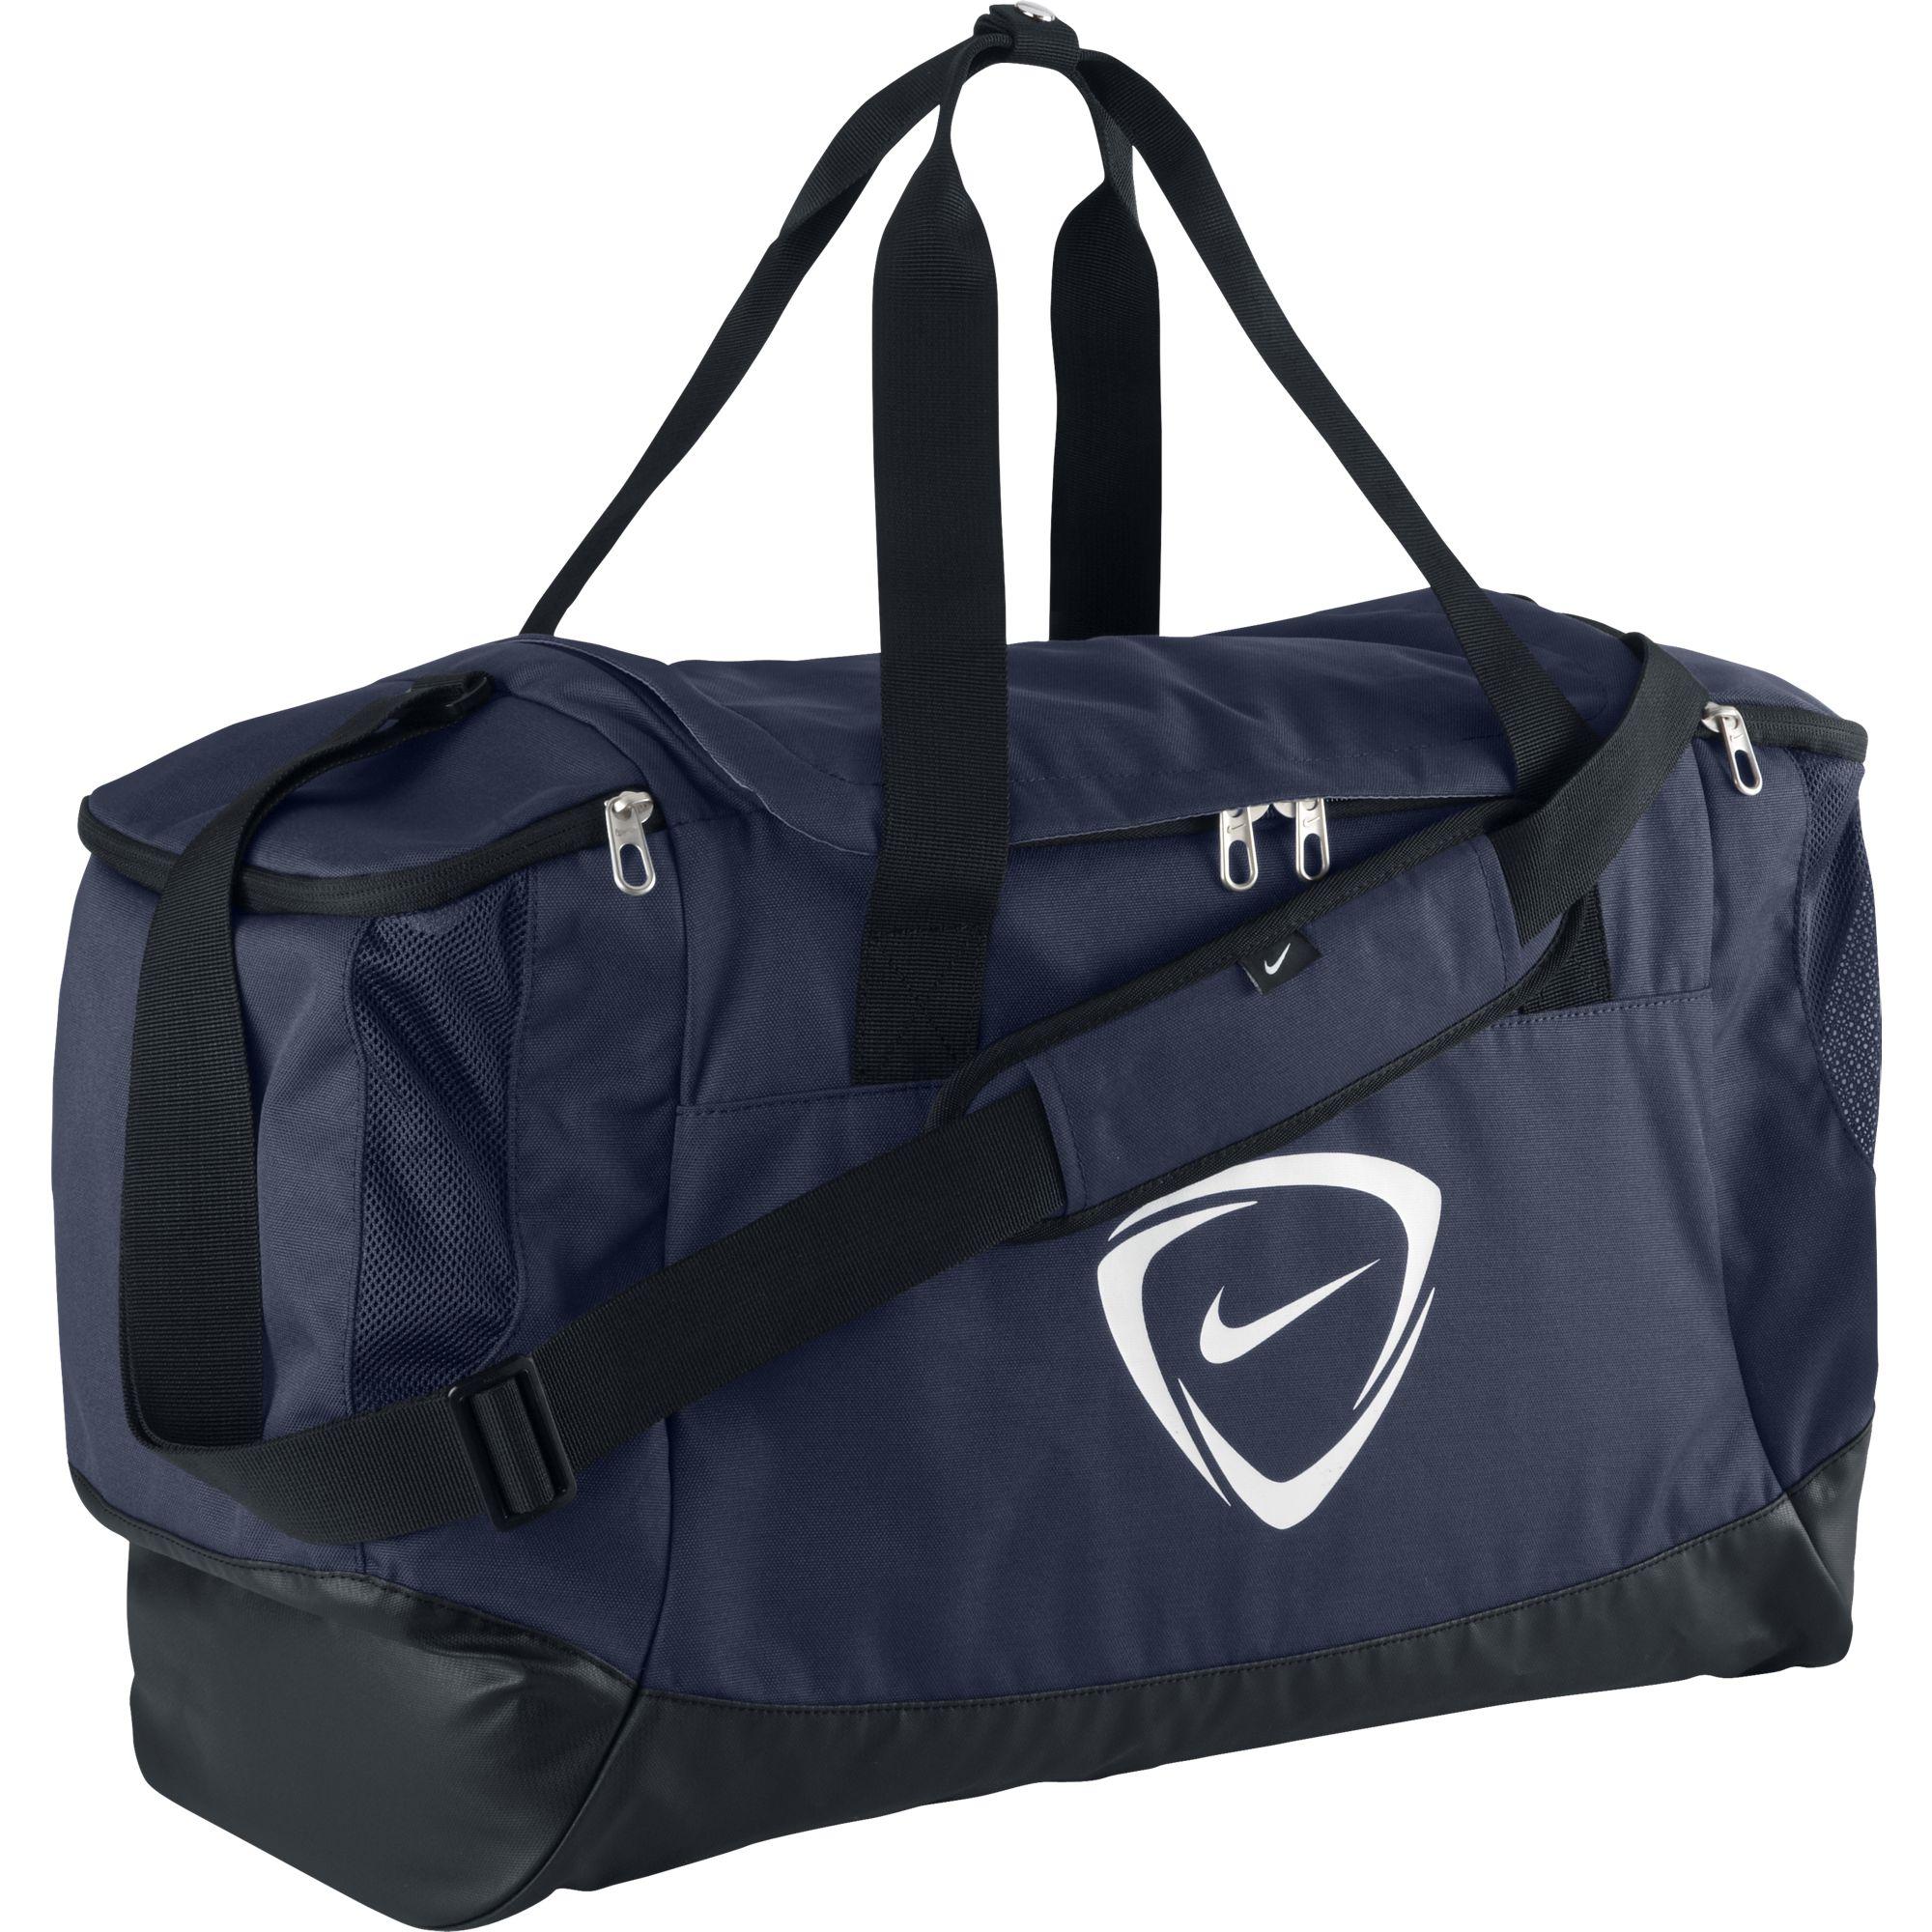 ef0c9cfa66ec Nike Kék Club Team Duffel - M Ba4872-472 - SPORTTÁSKÁK - Táska webáruház -  Minőségi táskák mindenkinek